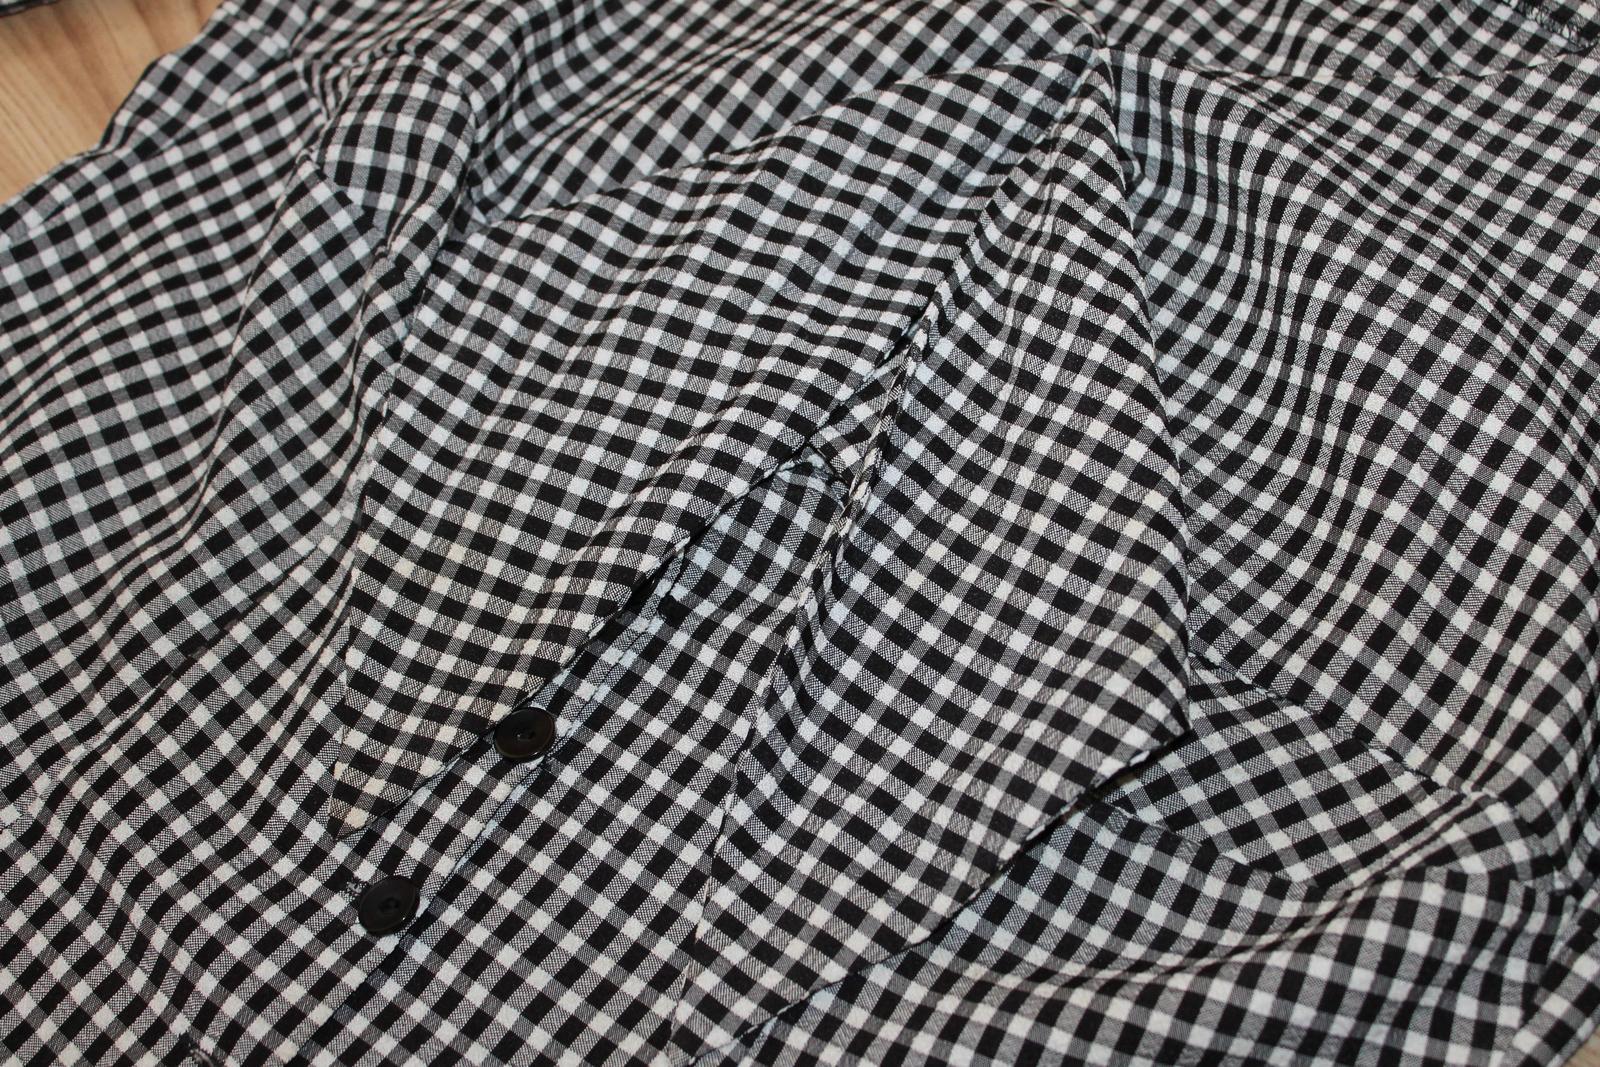 Karovana bluzka - Obrázok č. 2